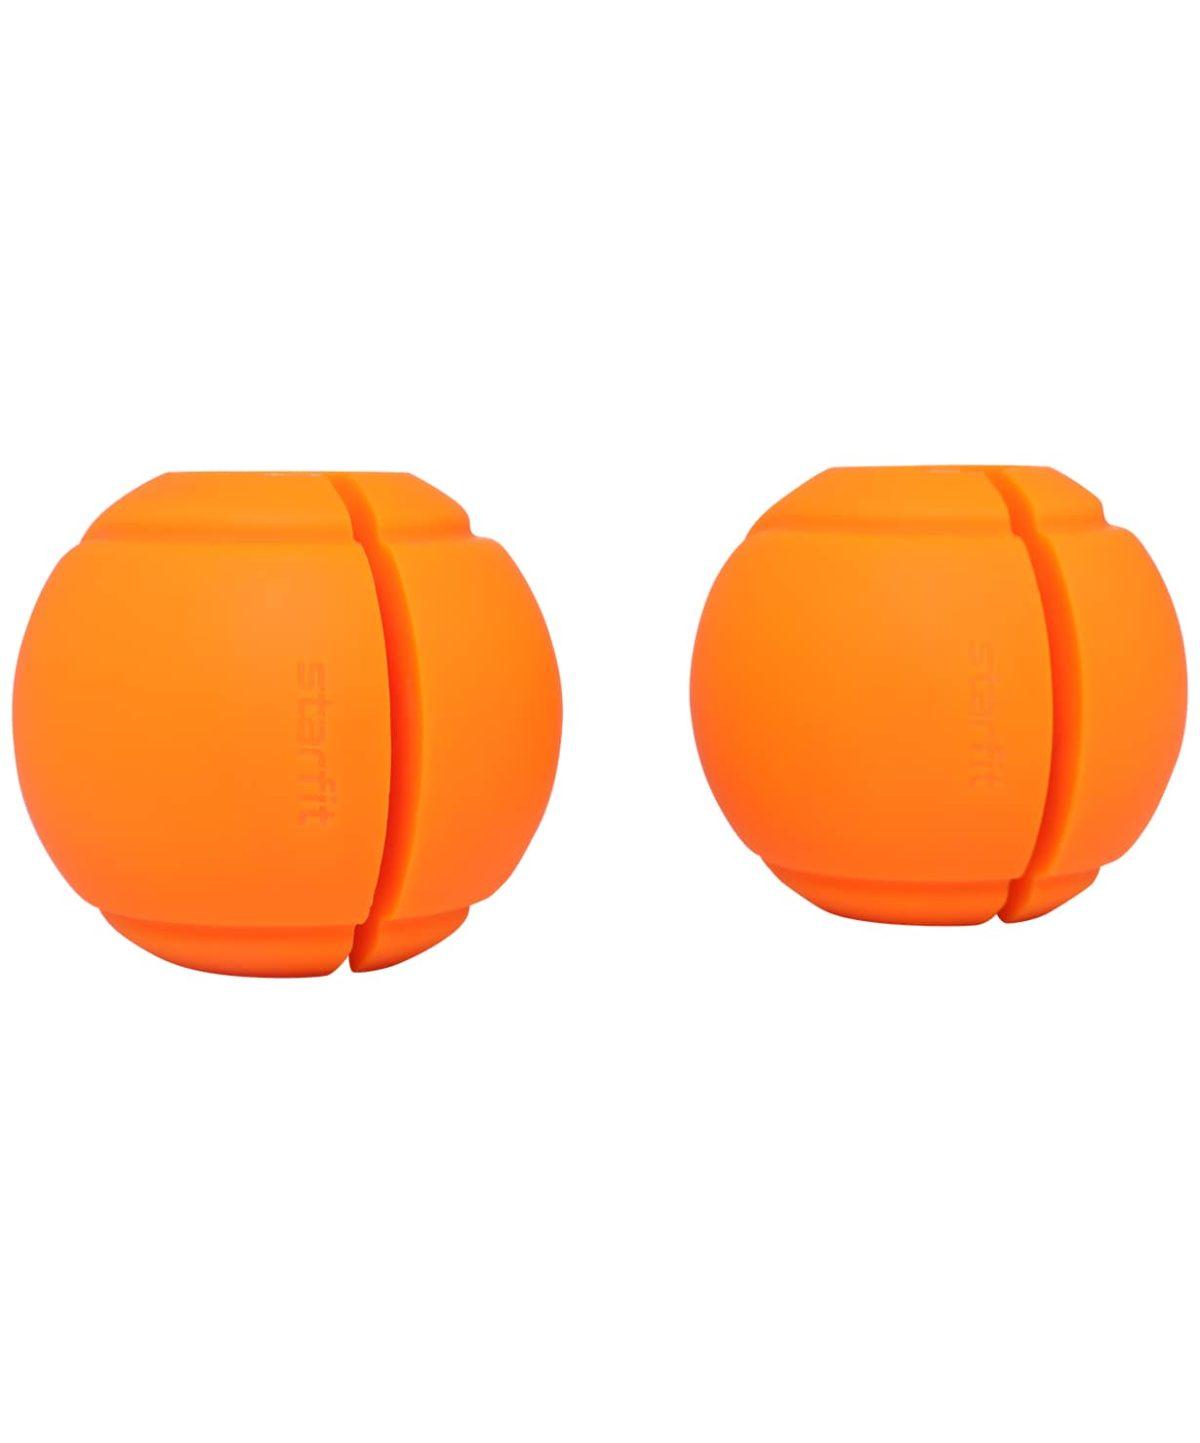 STARFIT Комплект расширителей хвата, сфера, d=25 мм  BB-111 - 2